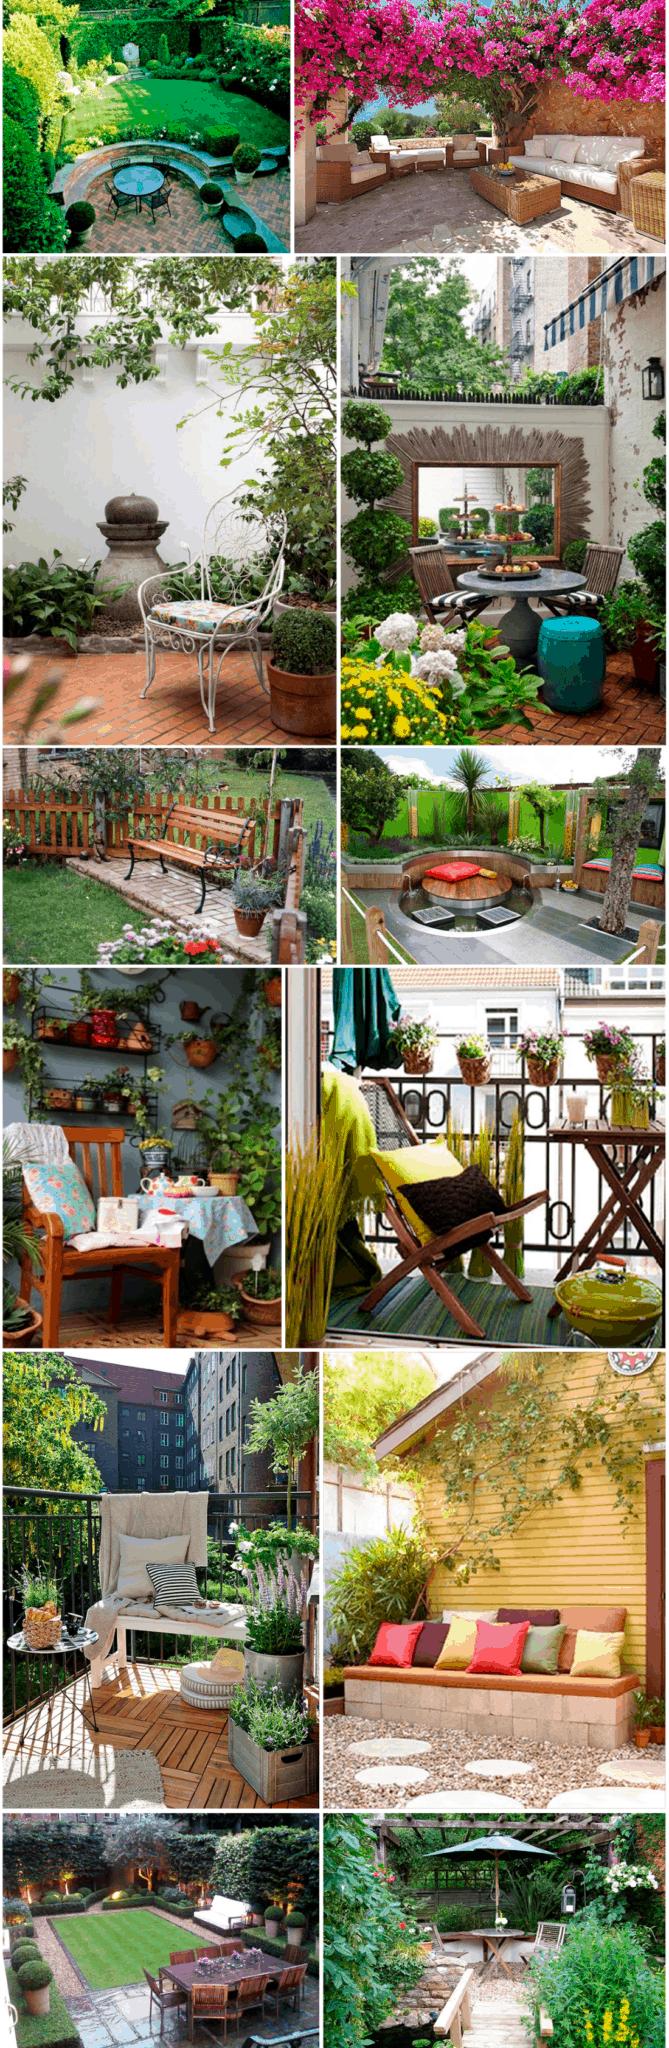 jardim-dos-sonhos-decorar-com-charme-mesa-cadeira (4)